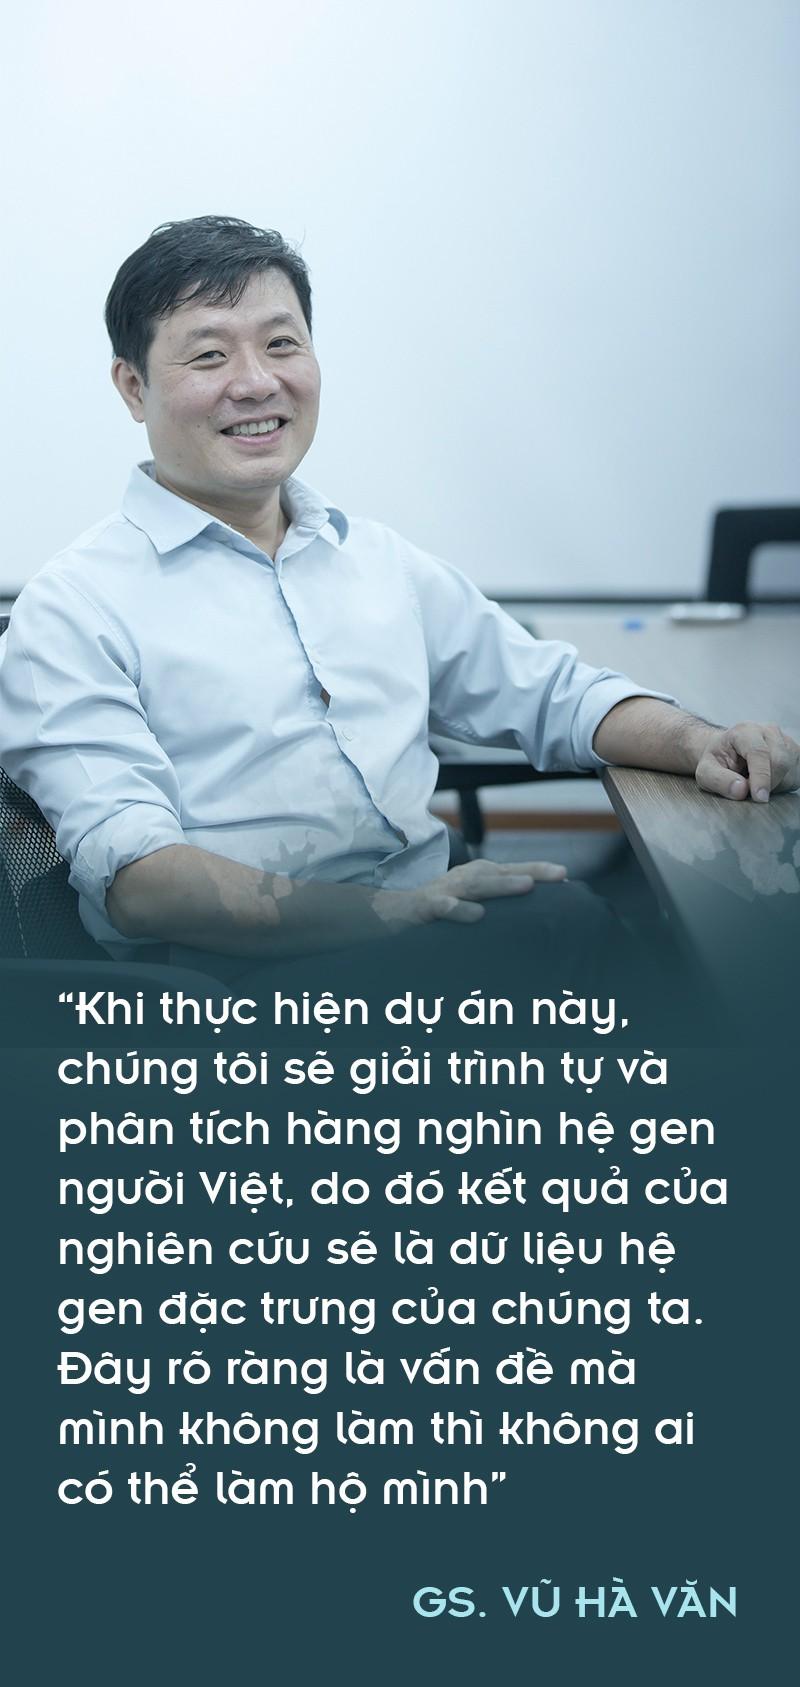 Giáo sư Vũ Hà Văn: Từ toán học đến nghiên cứu giải mã gen người Việt - Ảnh 3.